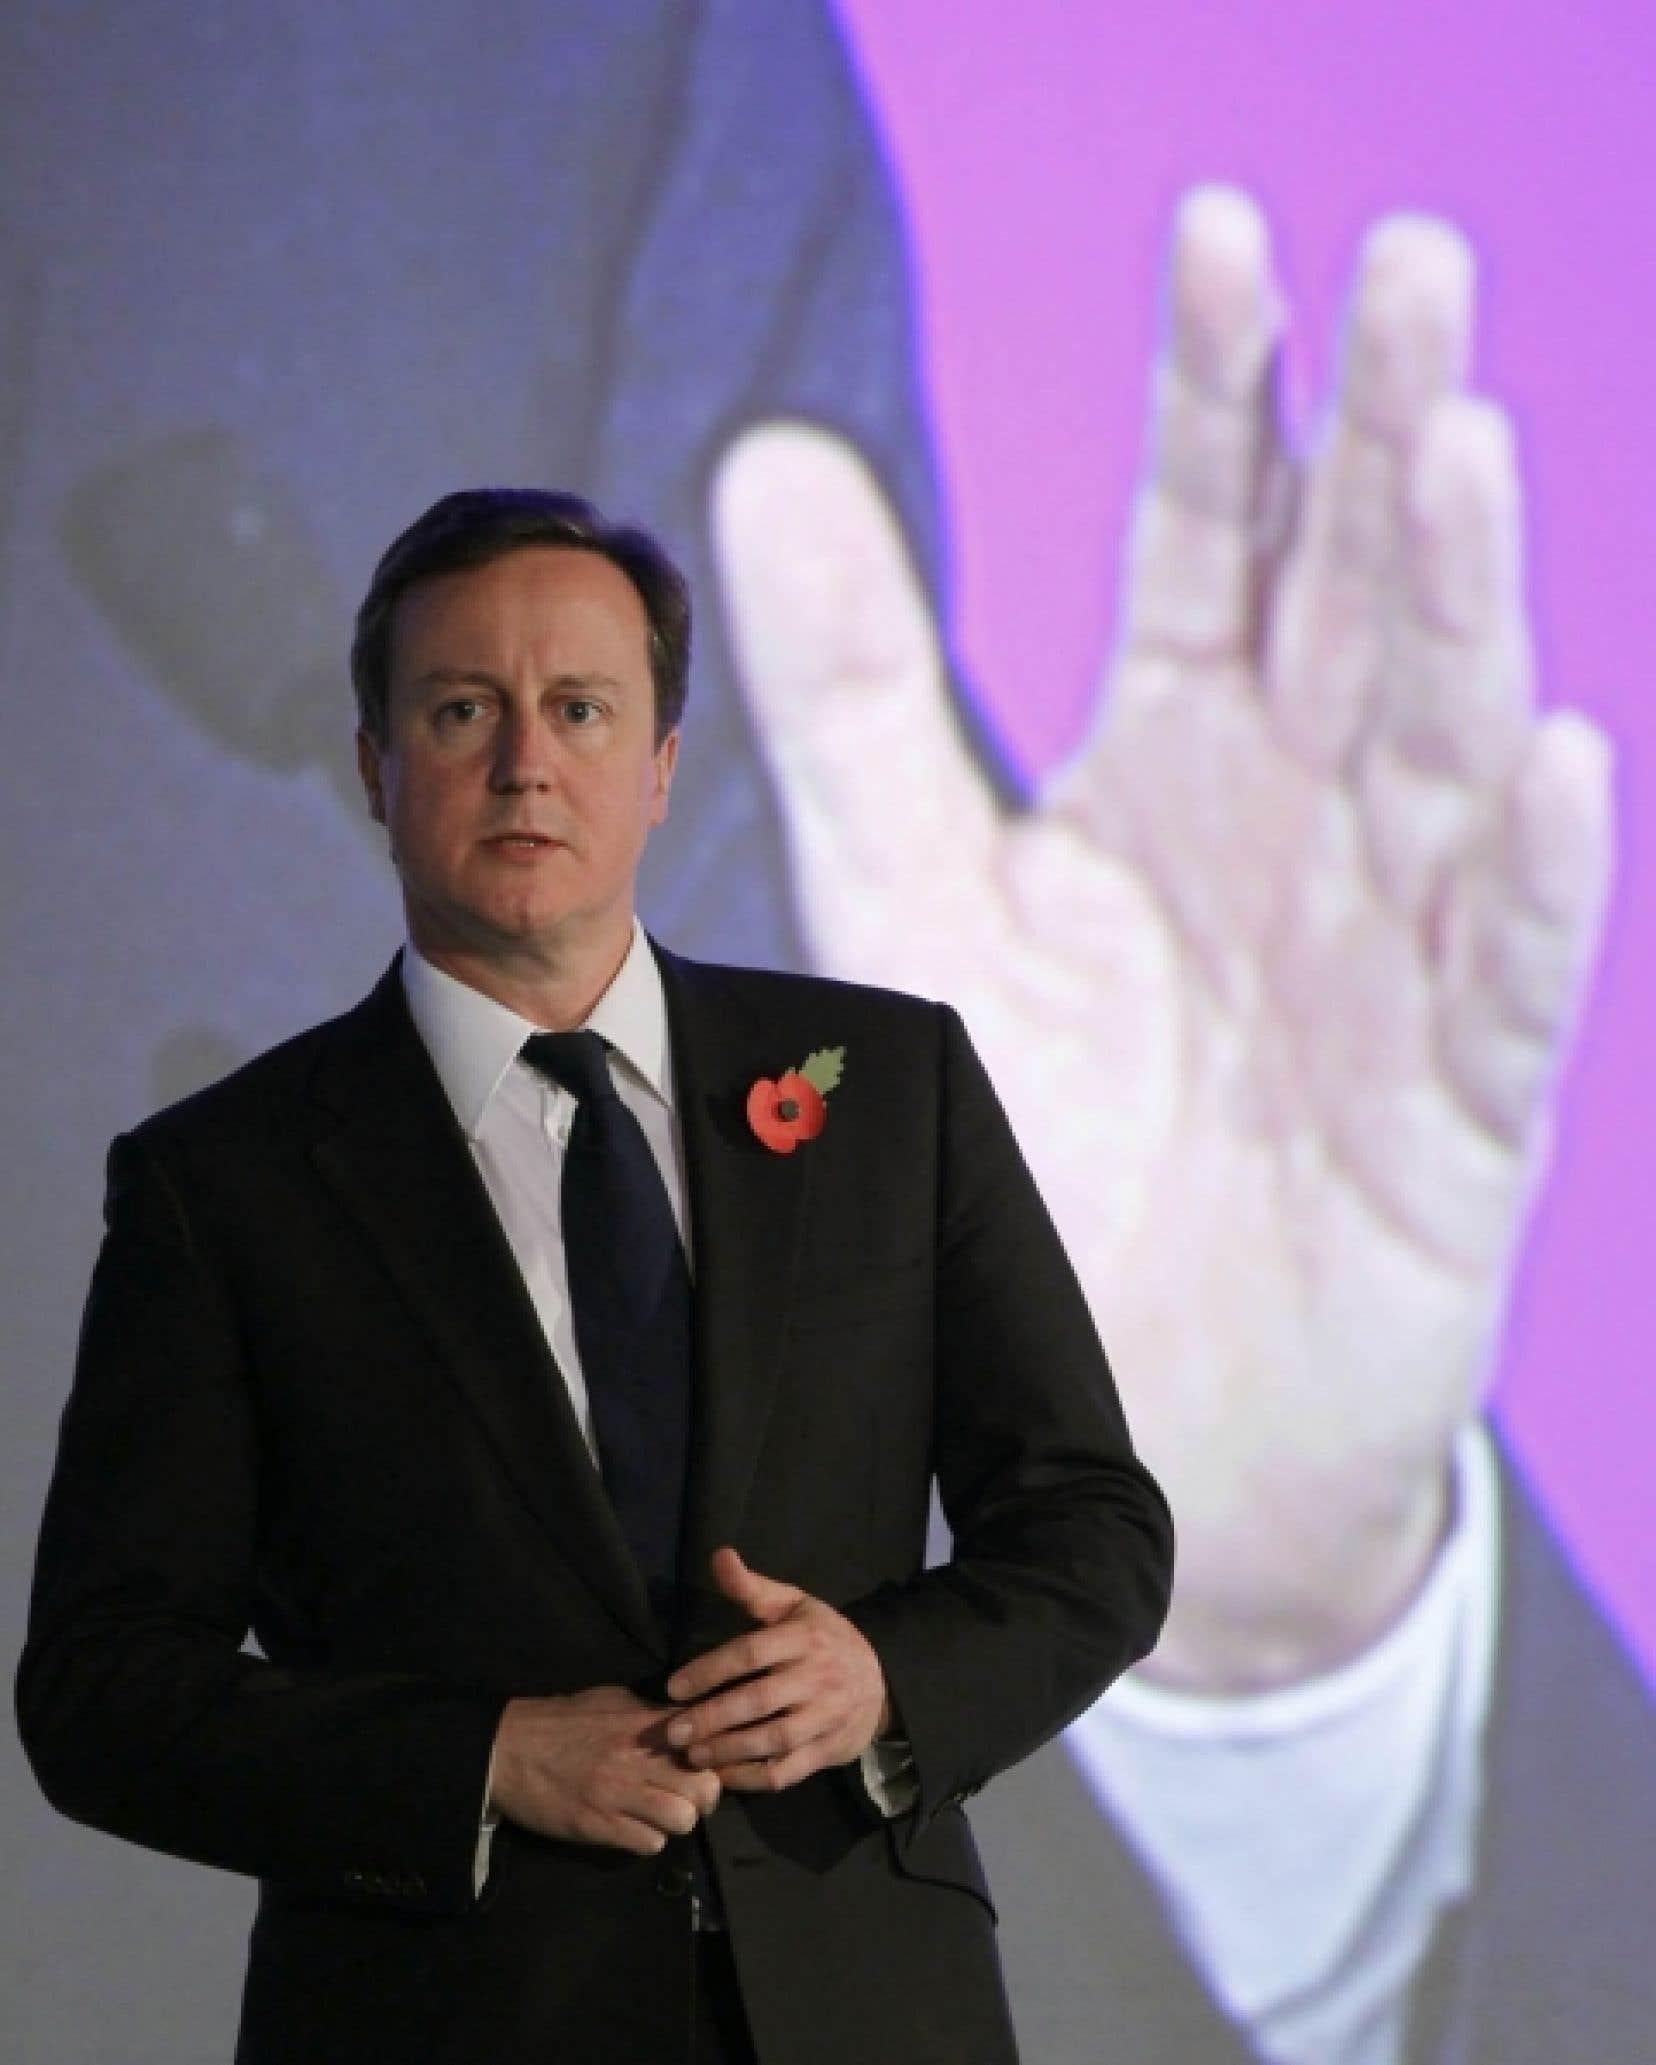 David Cameron<br />